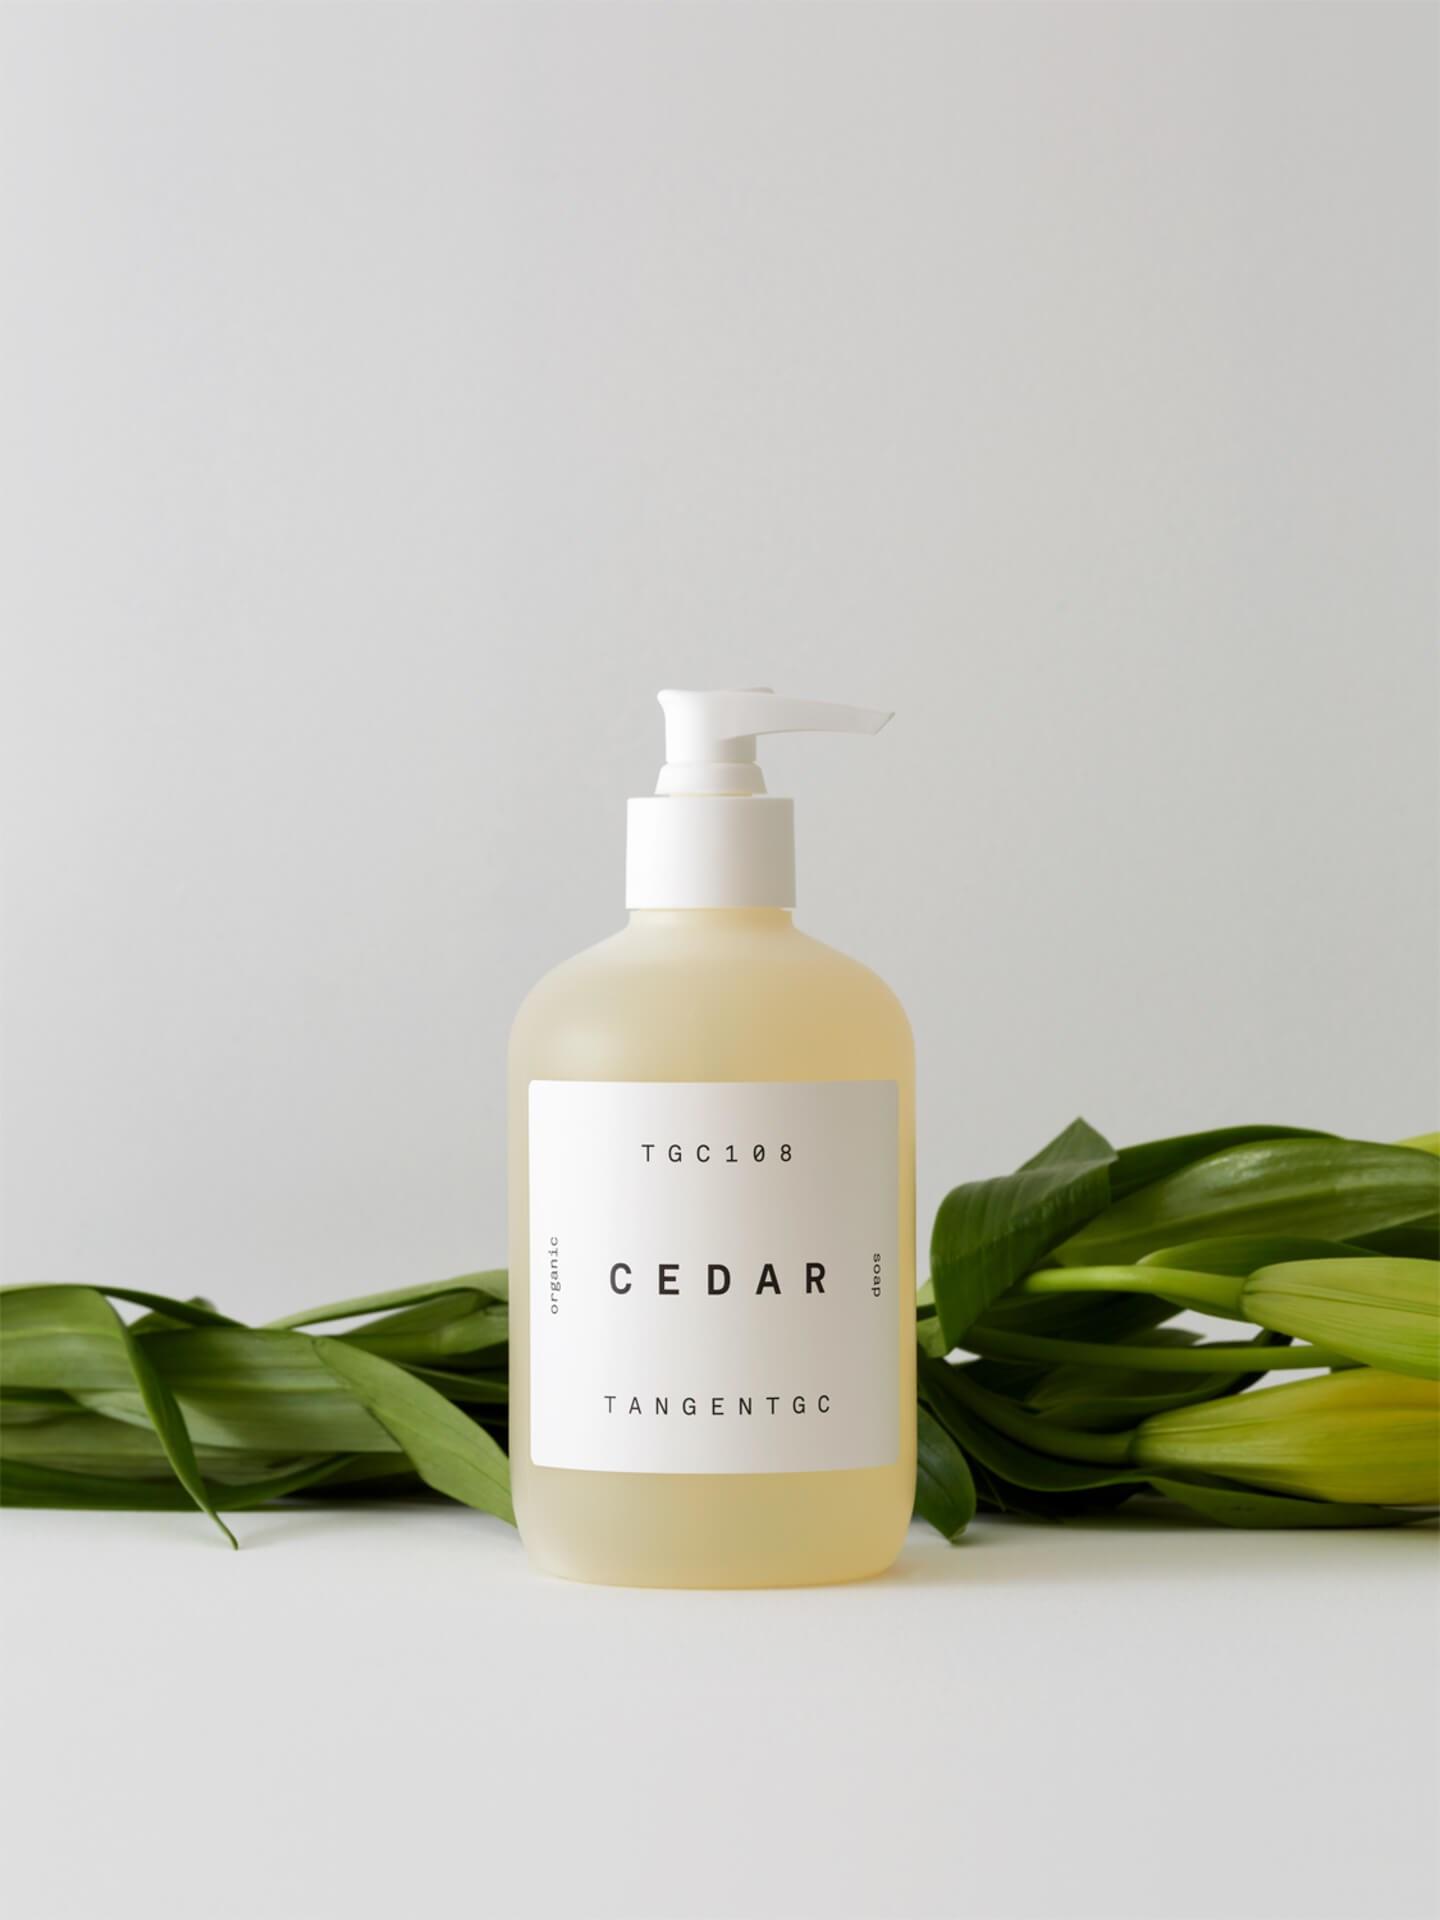 Tangent GC: Naturlig såpe i fantastiske dufter | Eitra Bad